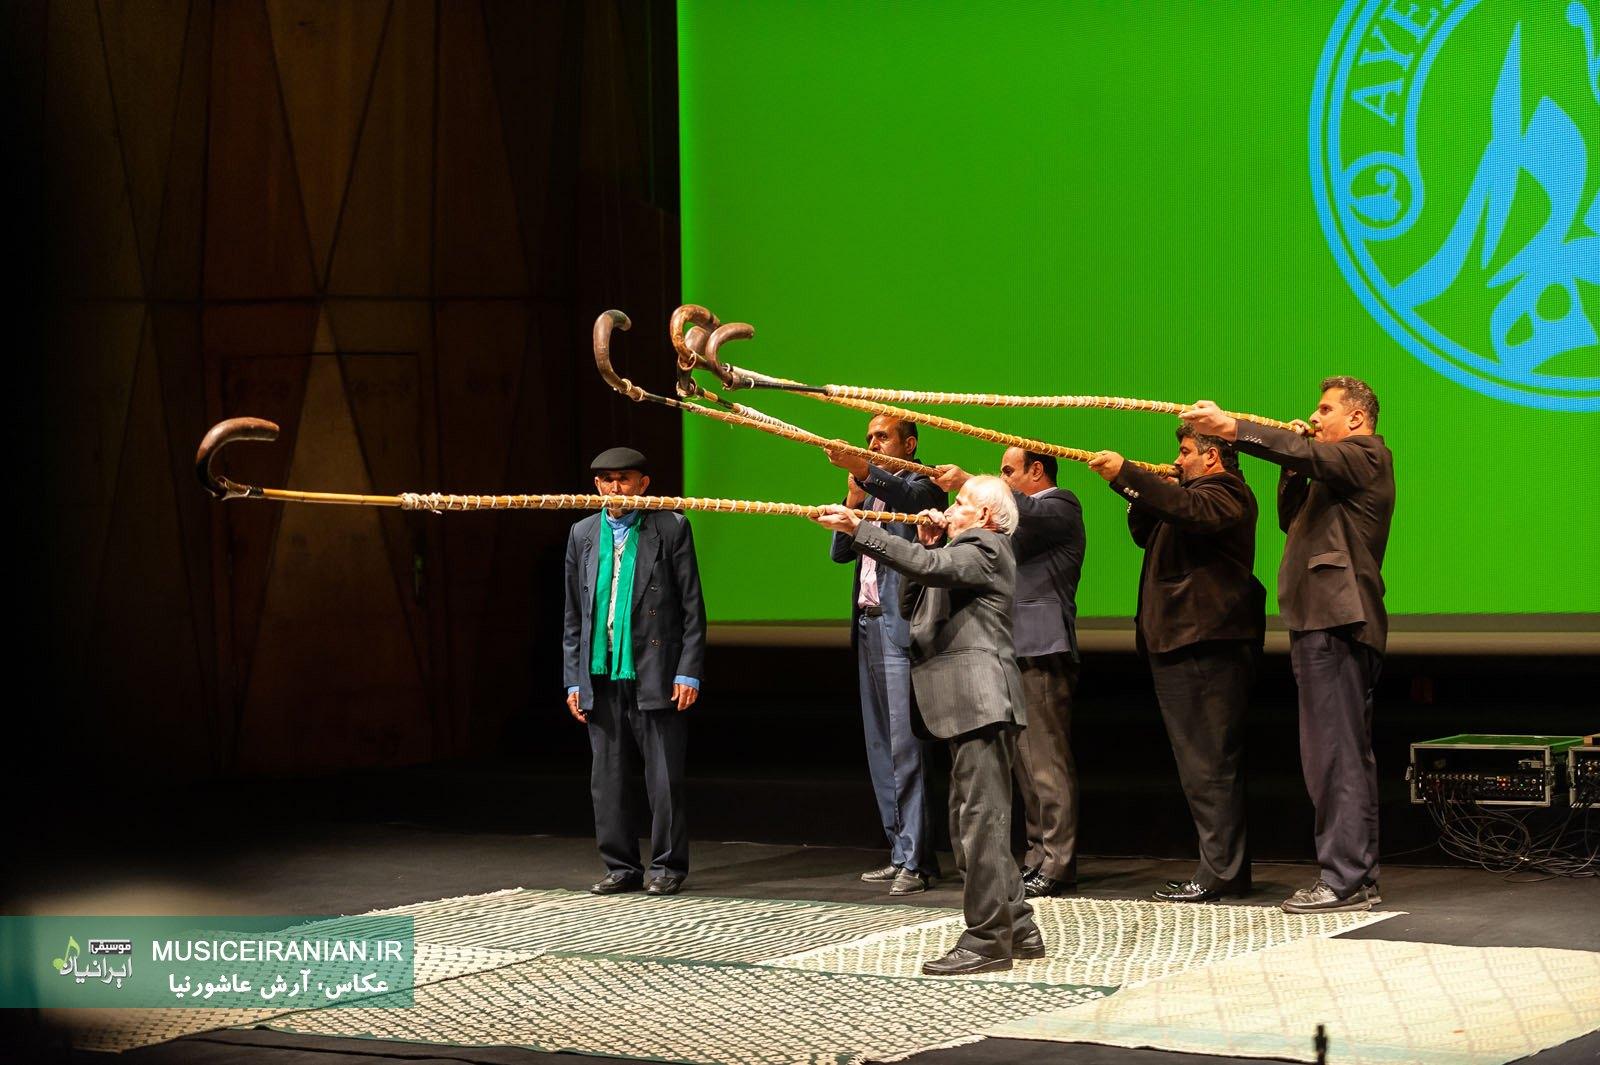 طنین سحرانگیز نغمههای اقوام ایرانی در تالار رودکی | گزارش تصویری مفصل «موسیقی ایرانیان»